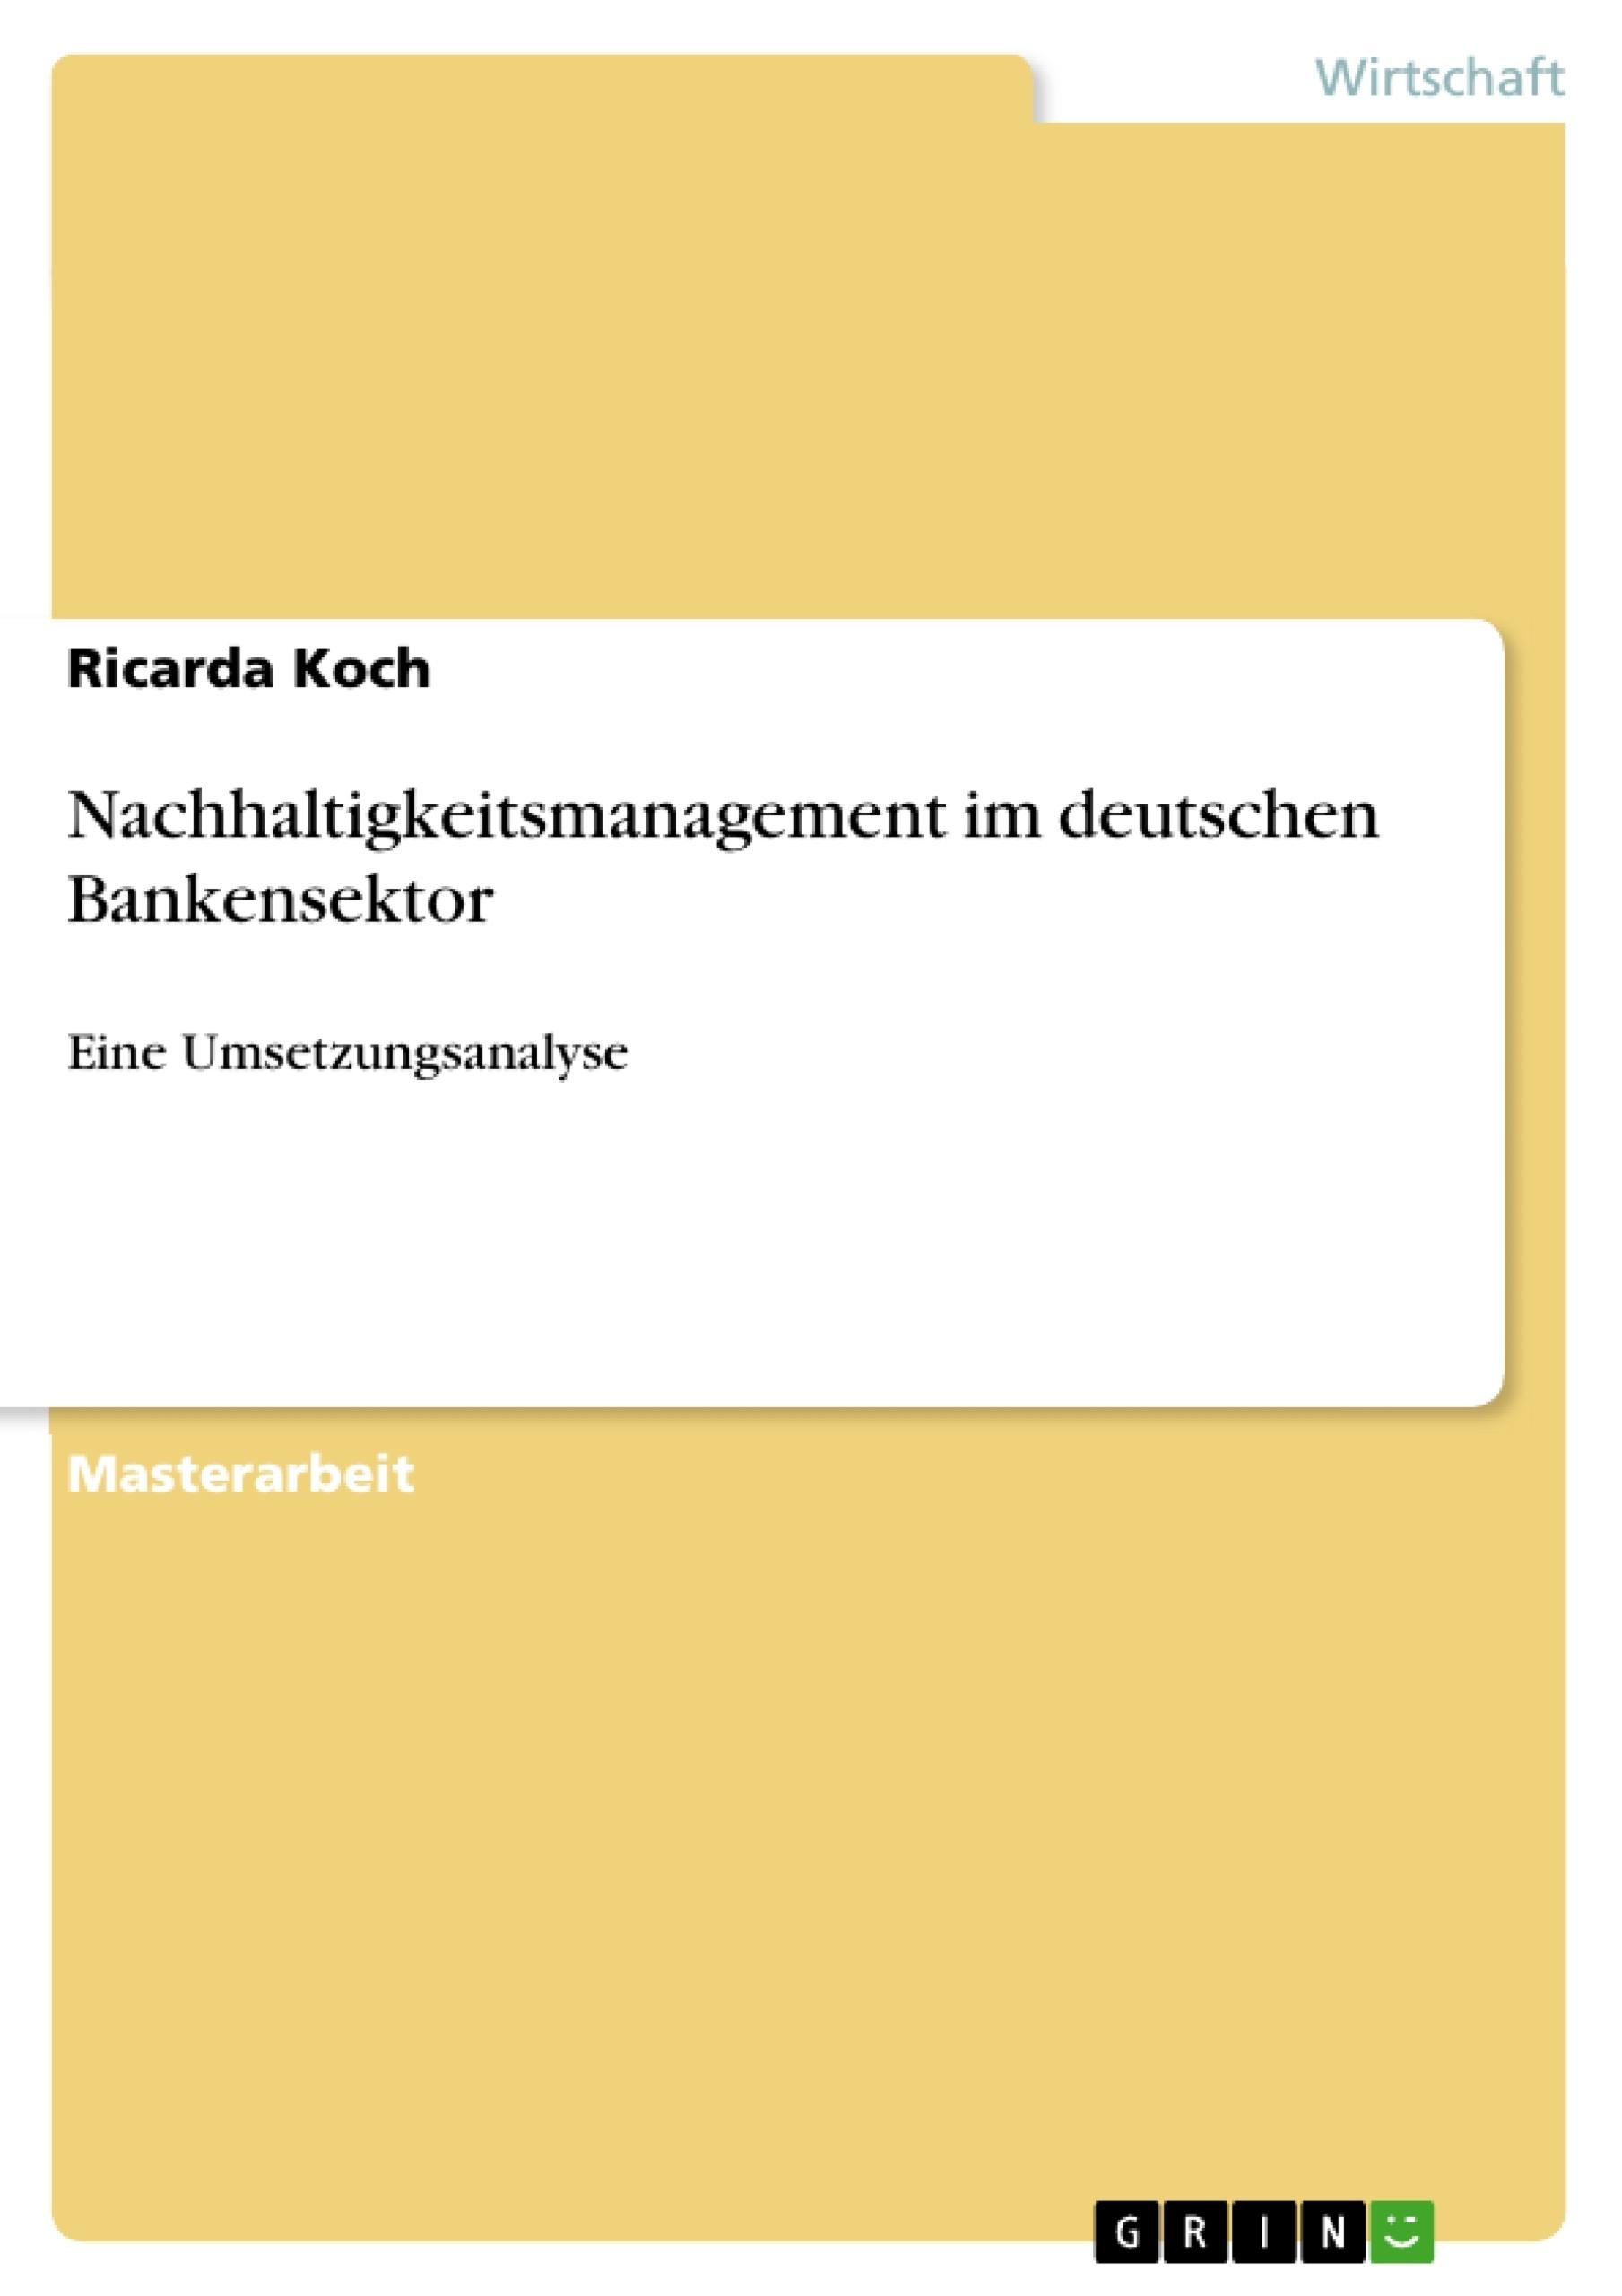 Titel: Nachhaltigkeitsmanagement im deutschen Bankensektor